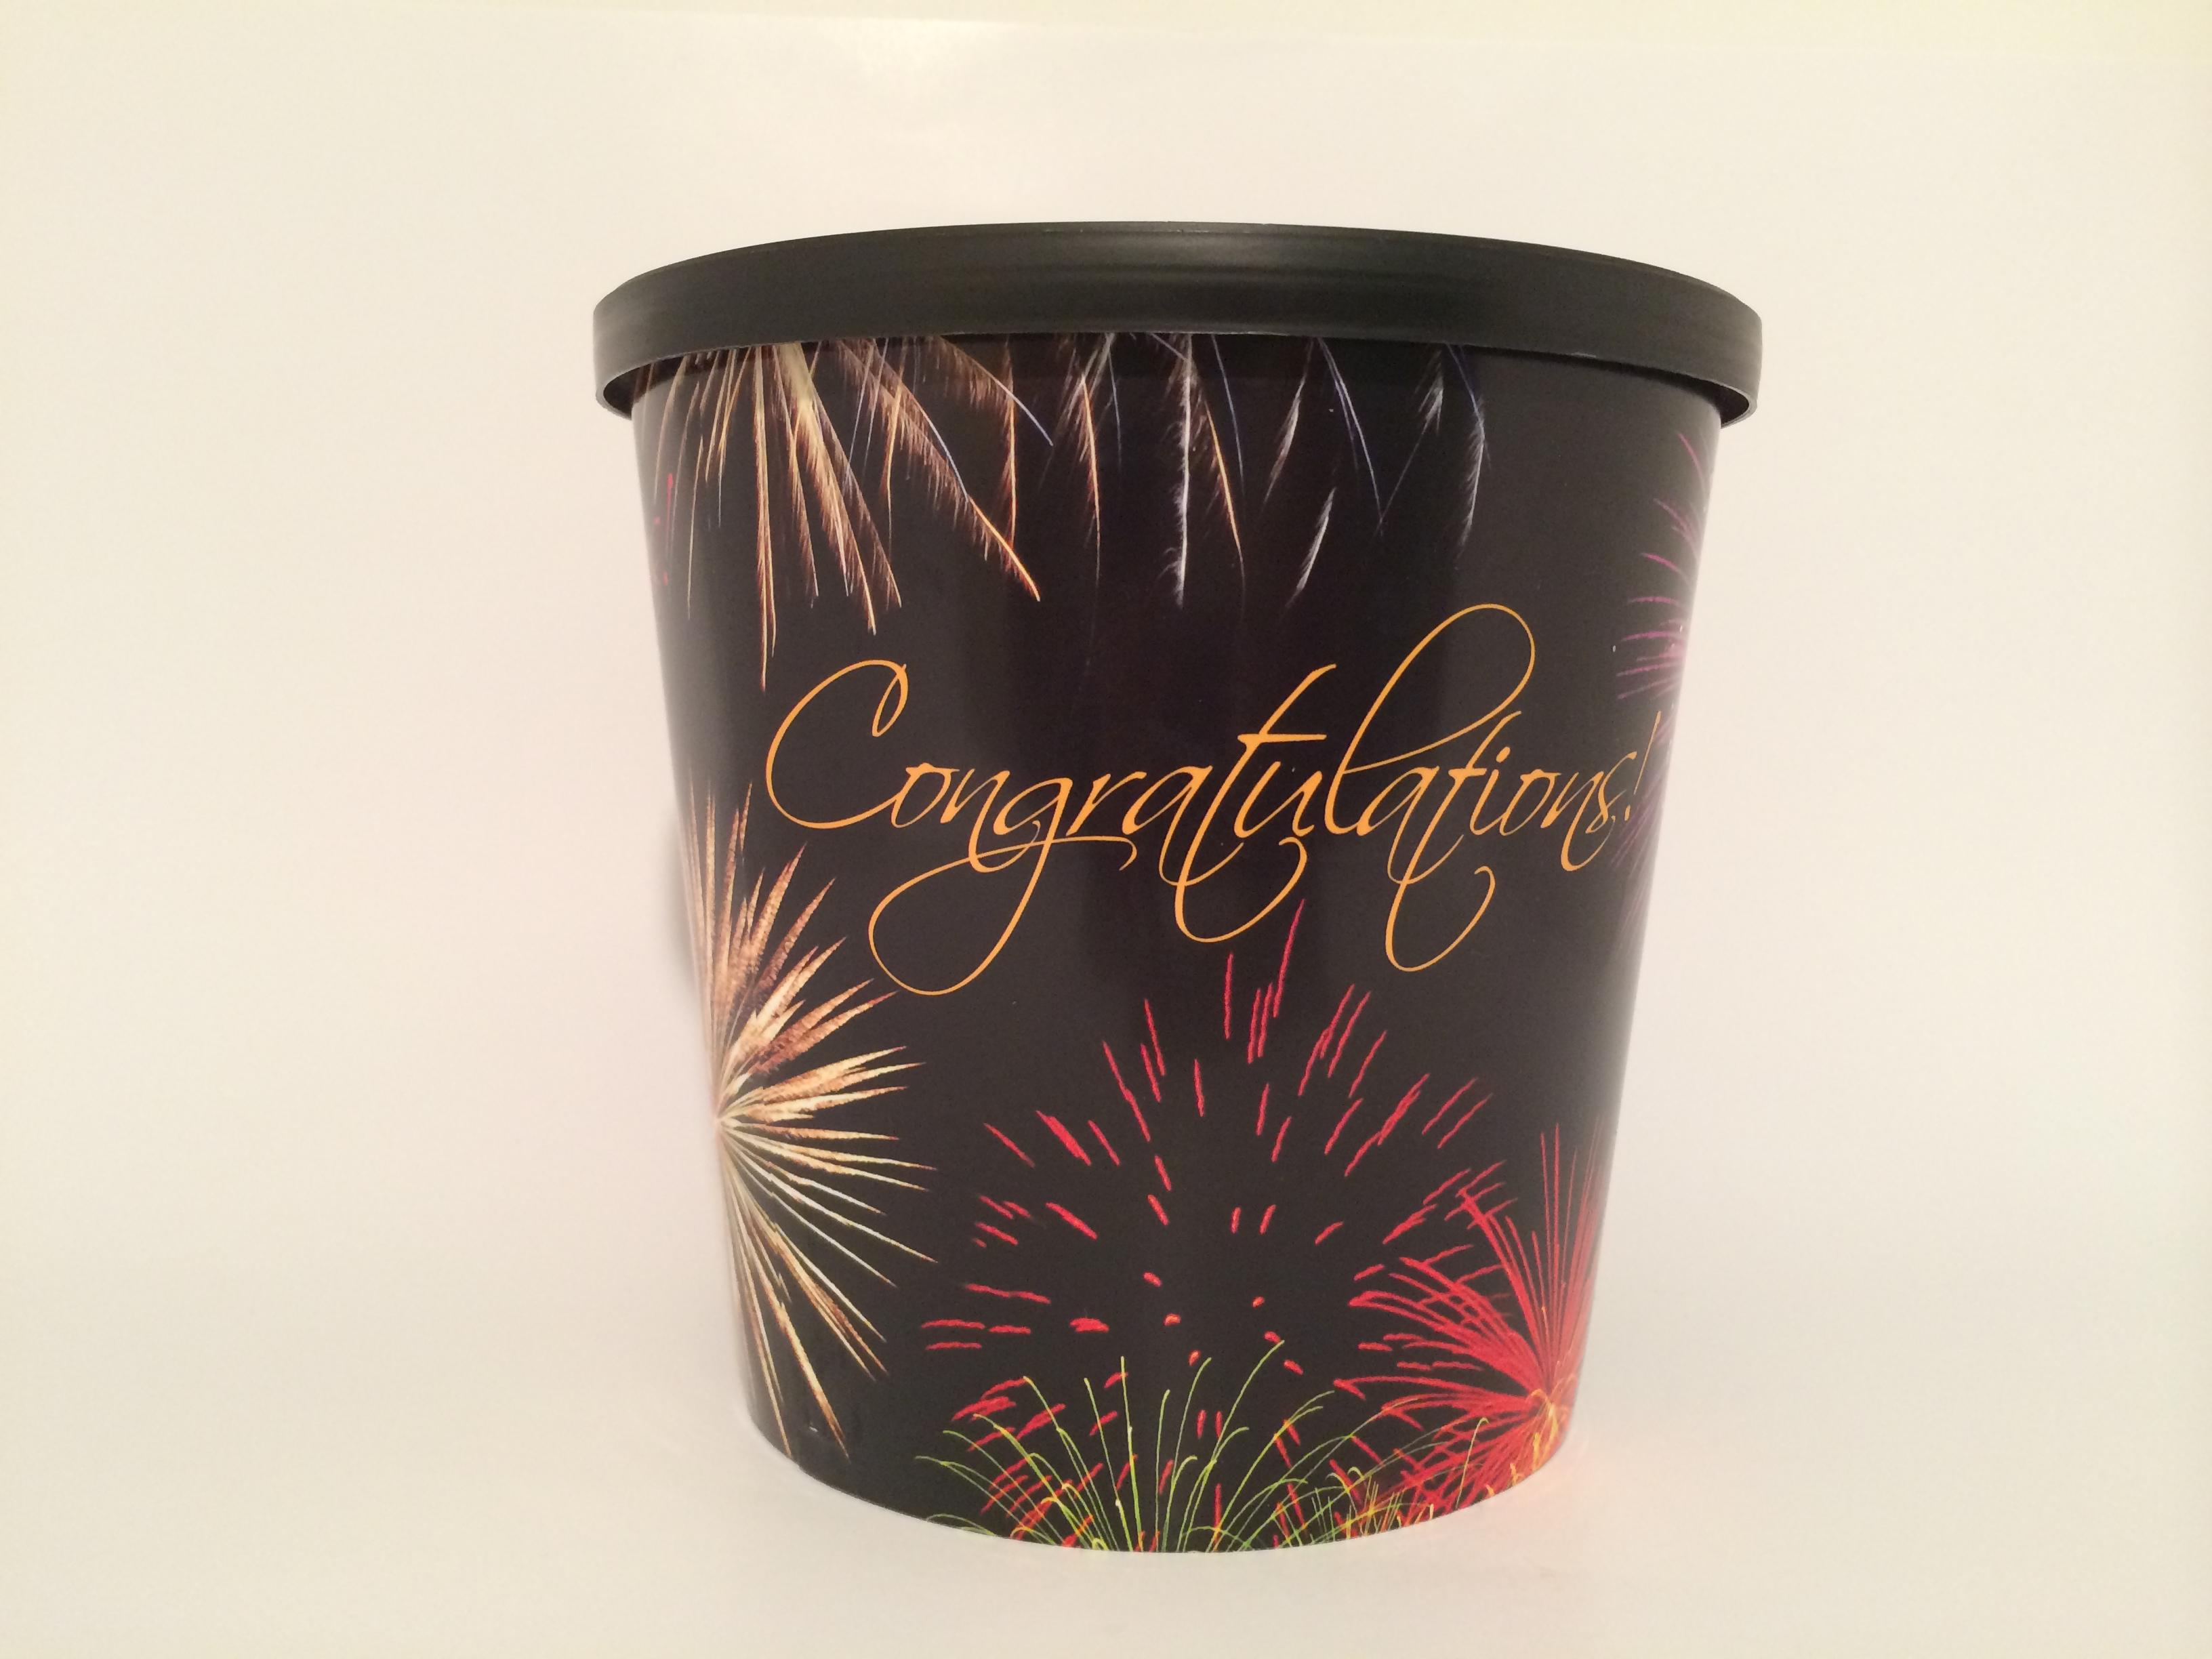 Congratulations Bucket